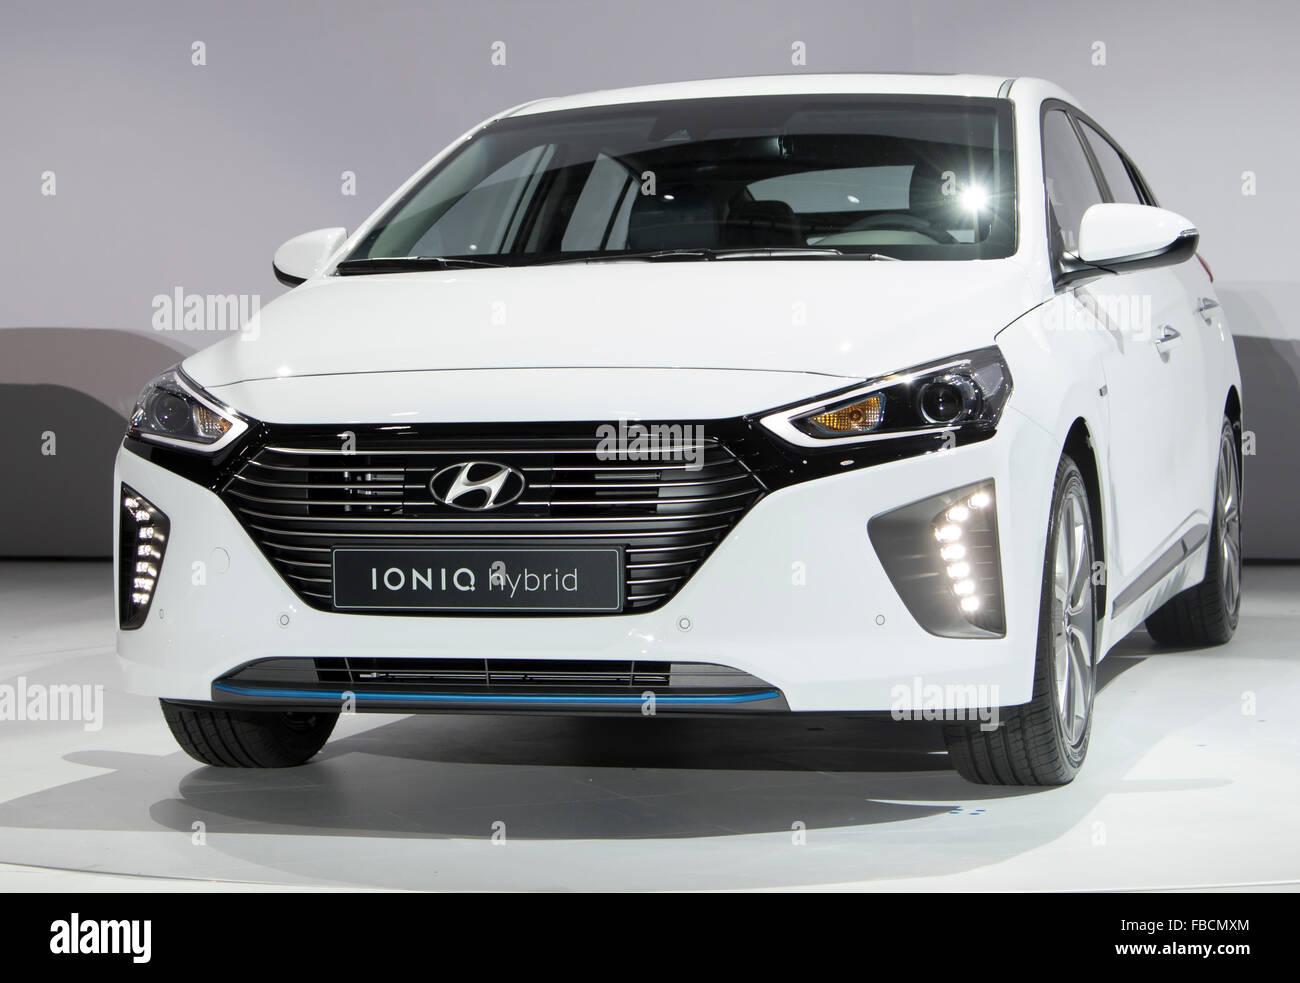 Ioniq hybride, Jan 14, 2016: Hyundai Ioniq du moteur hybride est vu lors d'une conférence de presse Photo Stock